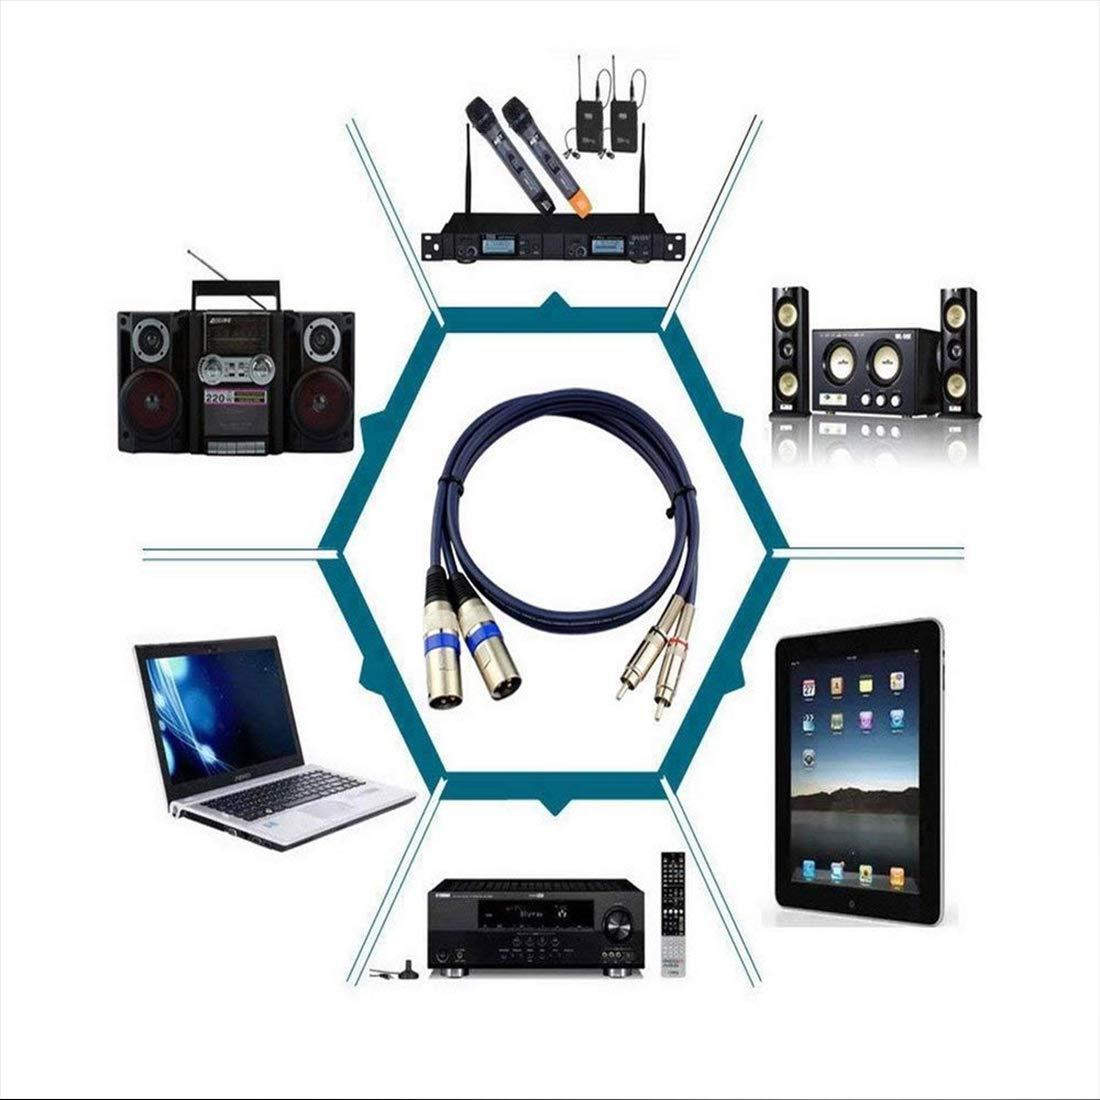 Cable Macho Dual XLR a RCA Macho Conector de Cable de Audio Mezclador de Cable de micr/ófono 5 m Azul Oscuro /… 2 XLR a 2 RCA//Phono Plug HiFi Cable de Audio est/éreo